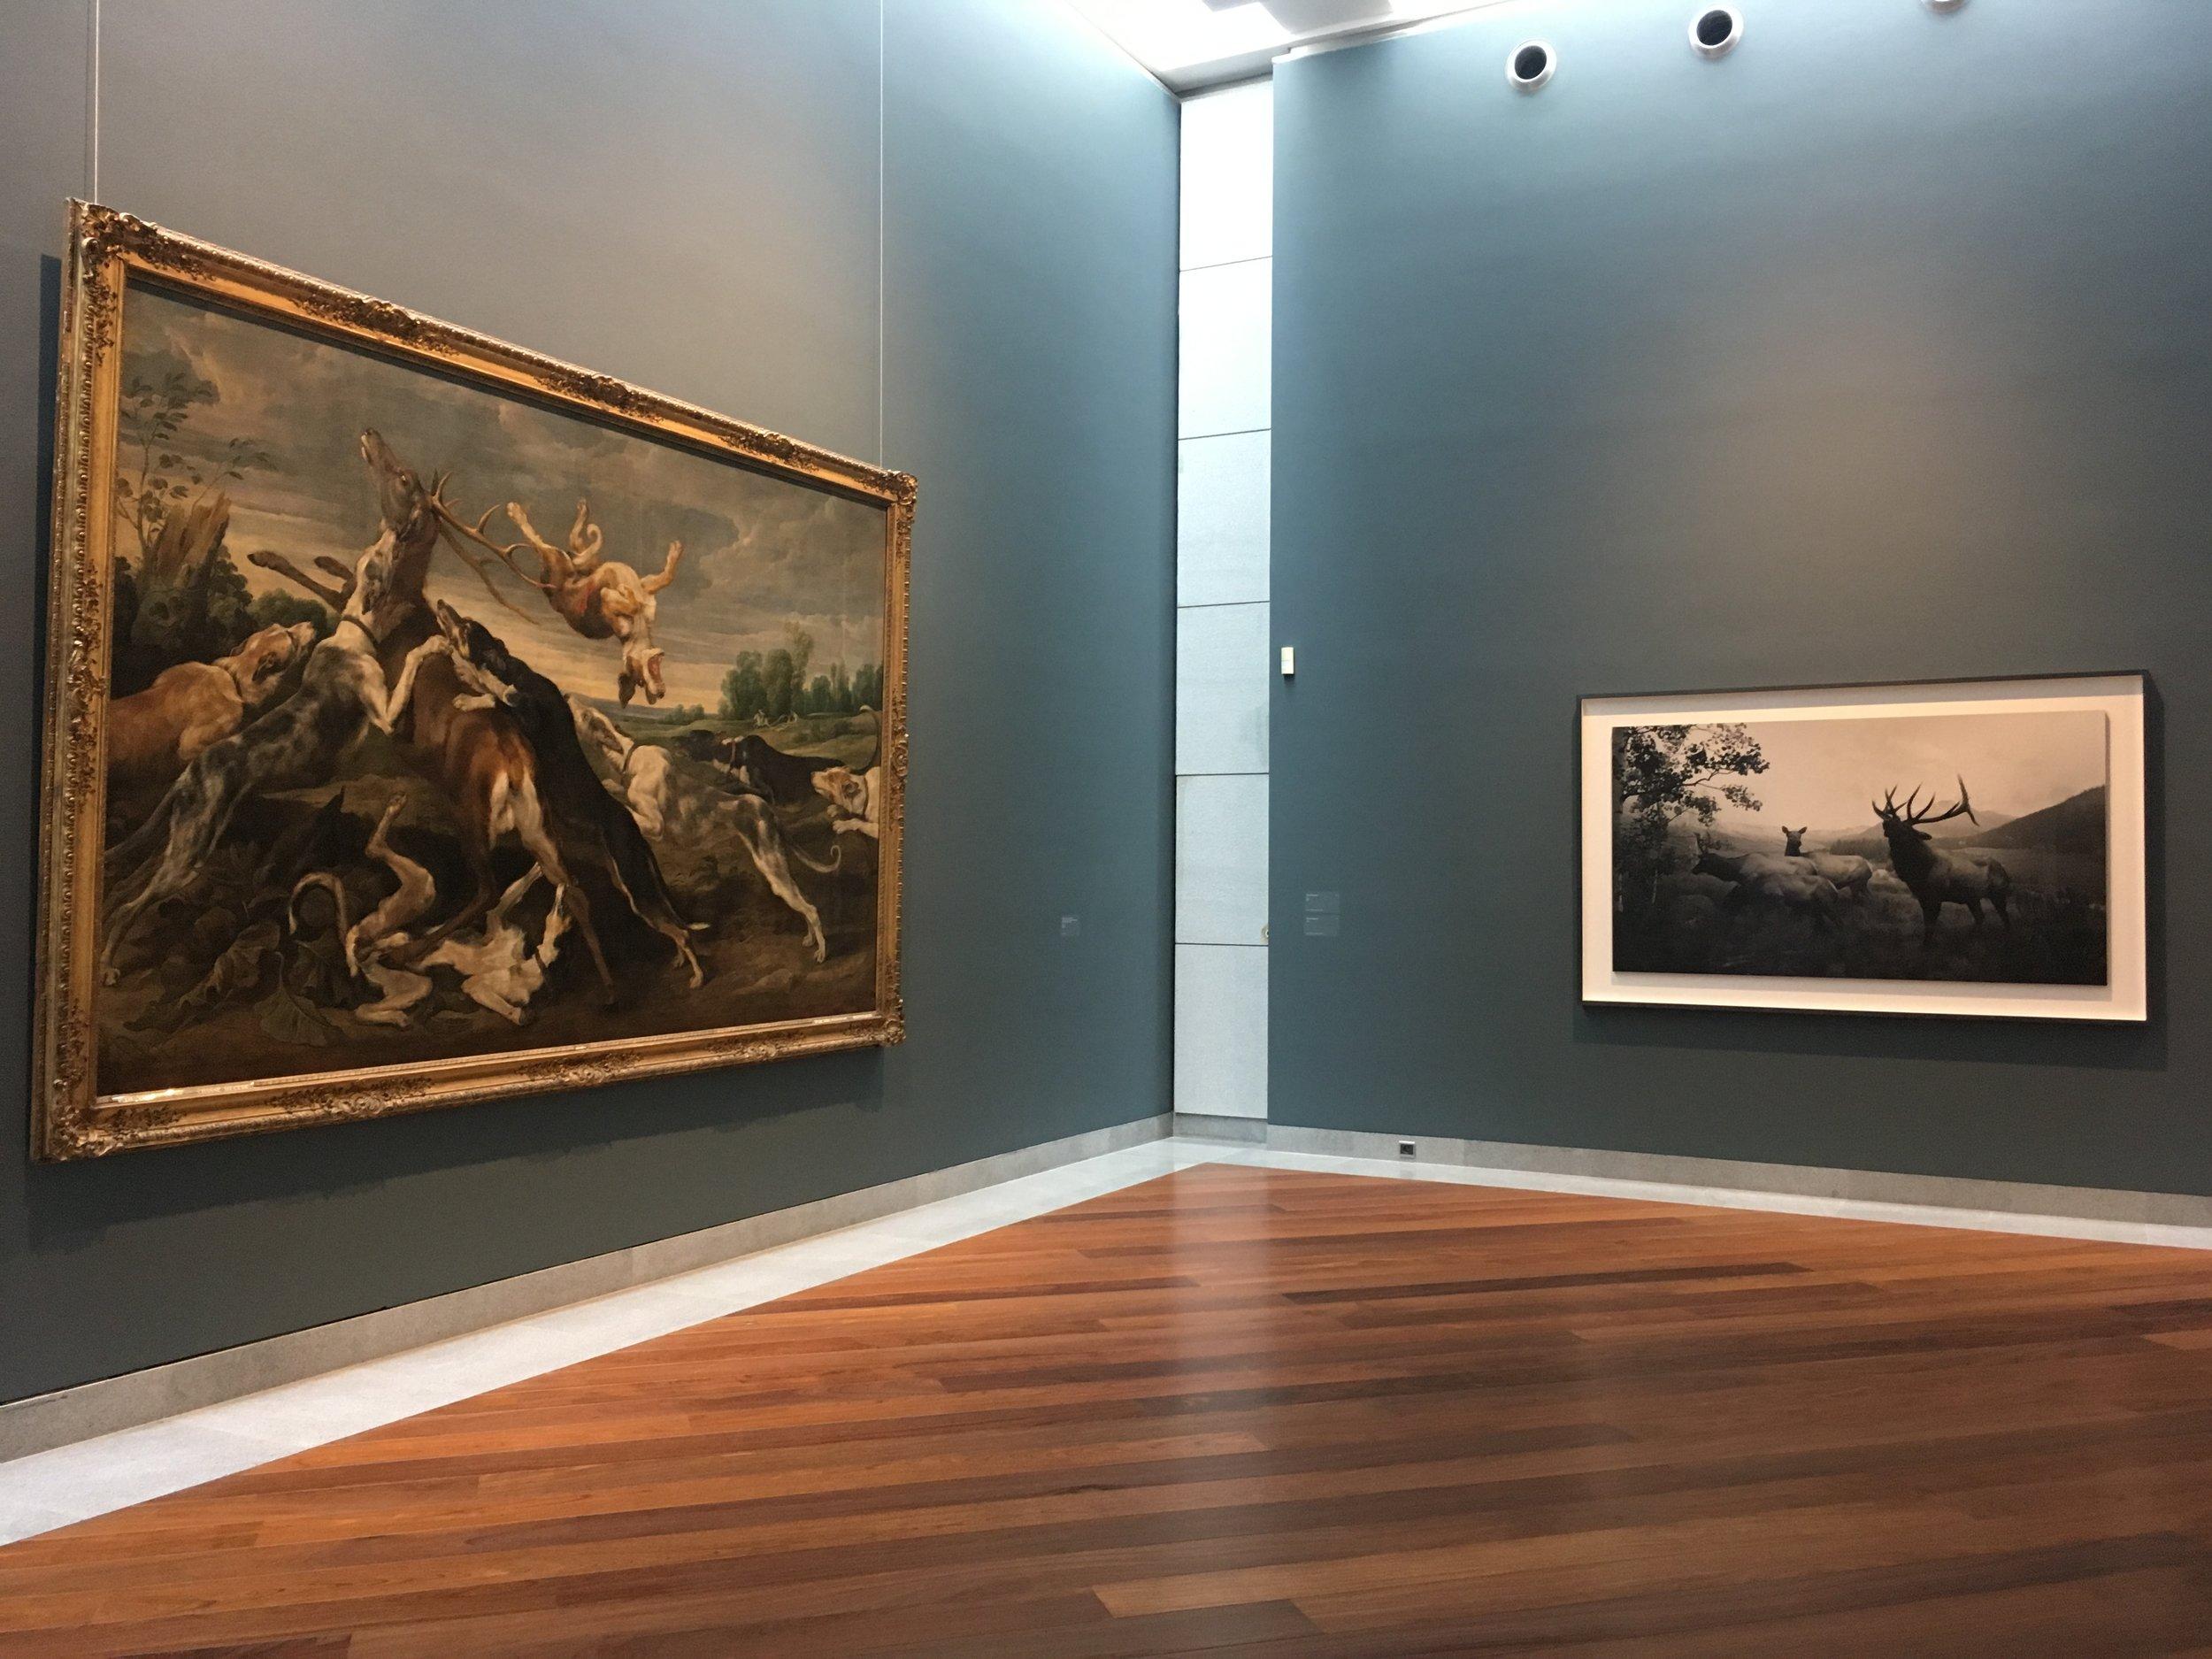 Hiroshi Sugimoto - Still Life, vue d'exposition, Musée royaux des Beaux-Arts de Belgique.